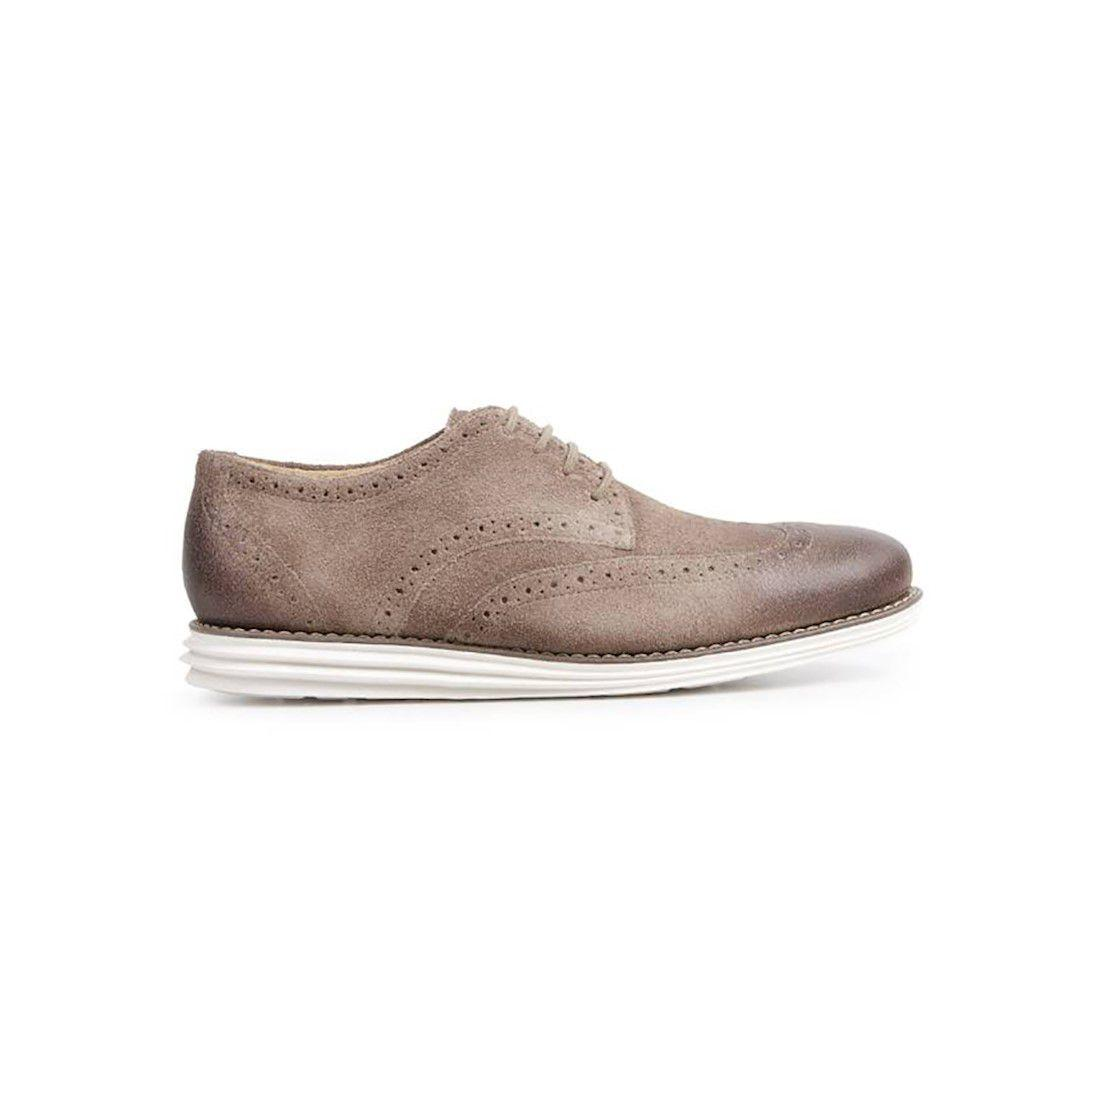 e6437e11ef Sapato esporte fino masculino oxford sandro moscoloni olin marrom tan R$  259,90 à vista. Adicionar à sacola